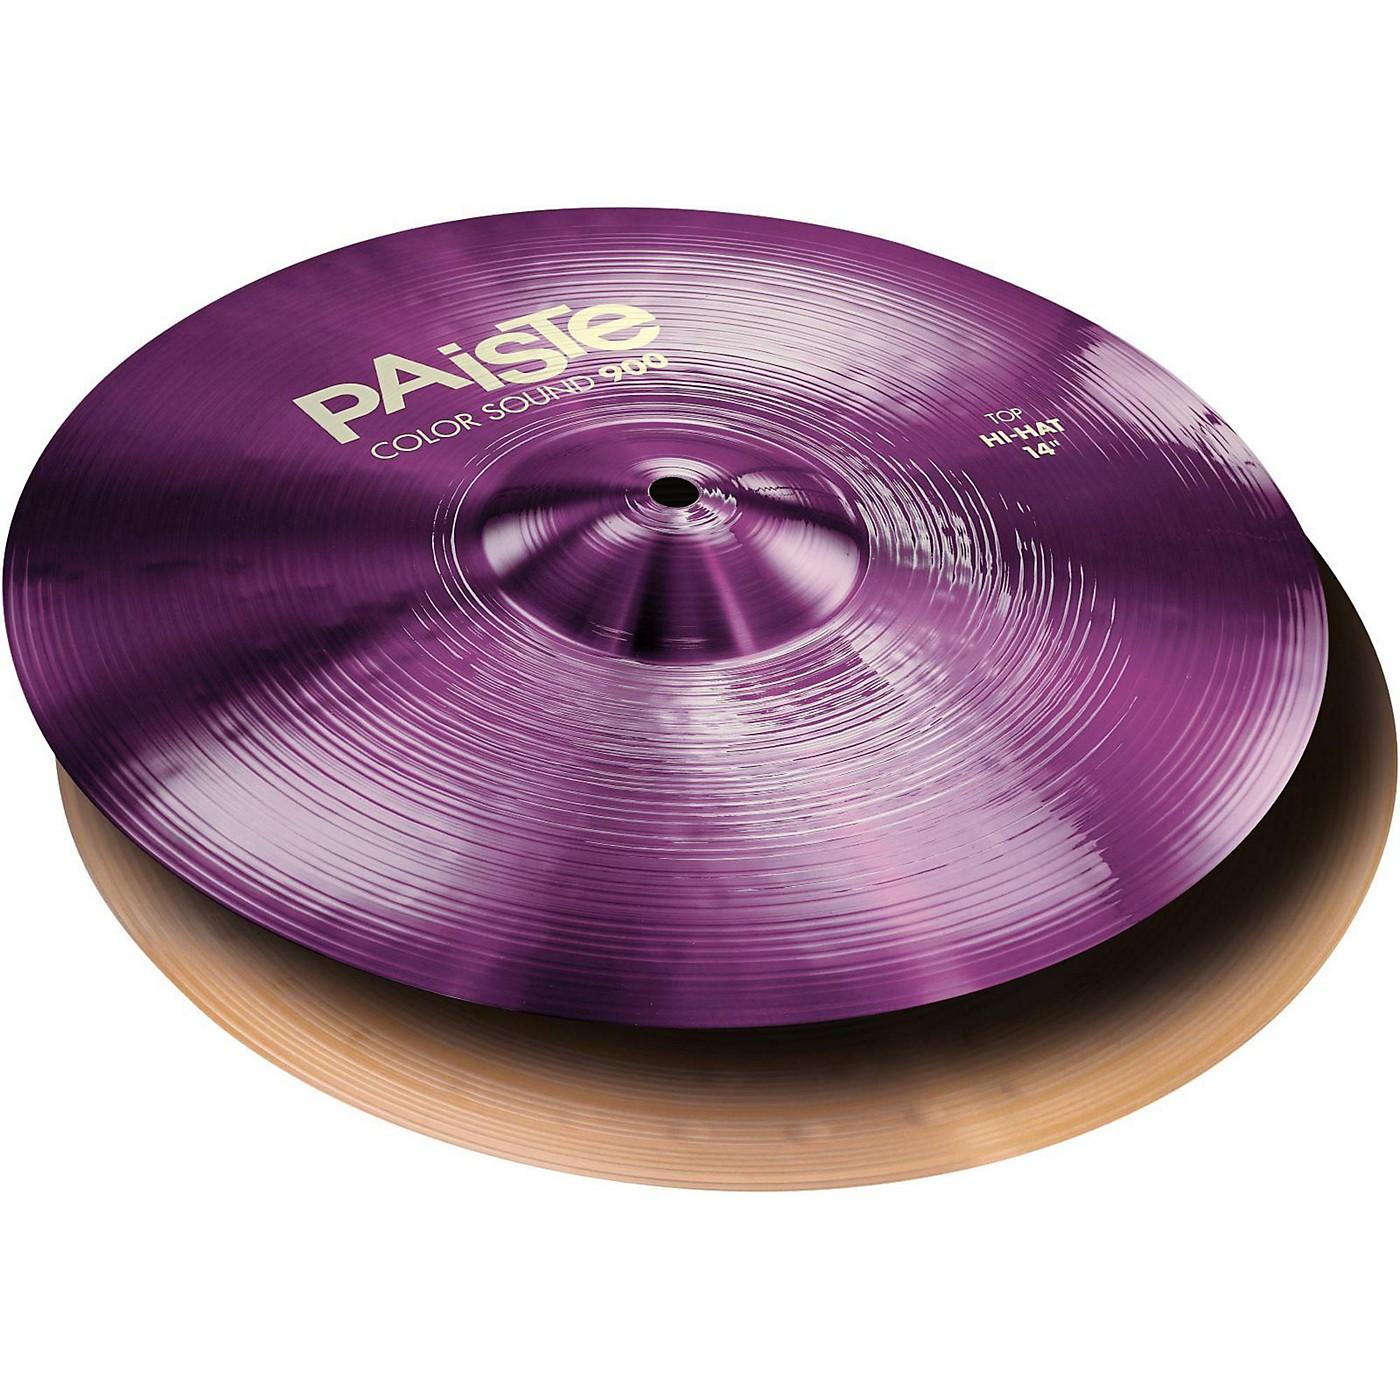 Paiste Colorsound 900 Hi Hat Cymbal Purple thumbnail